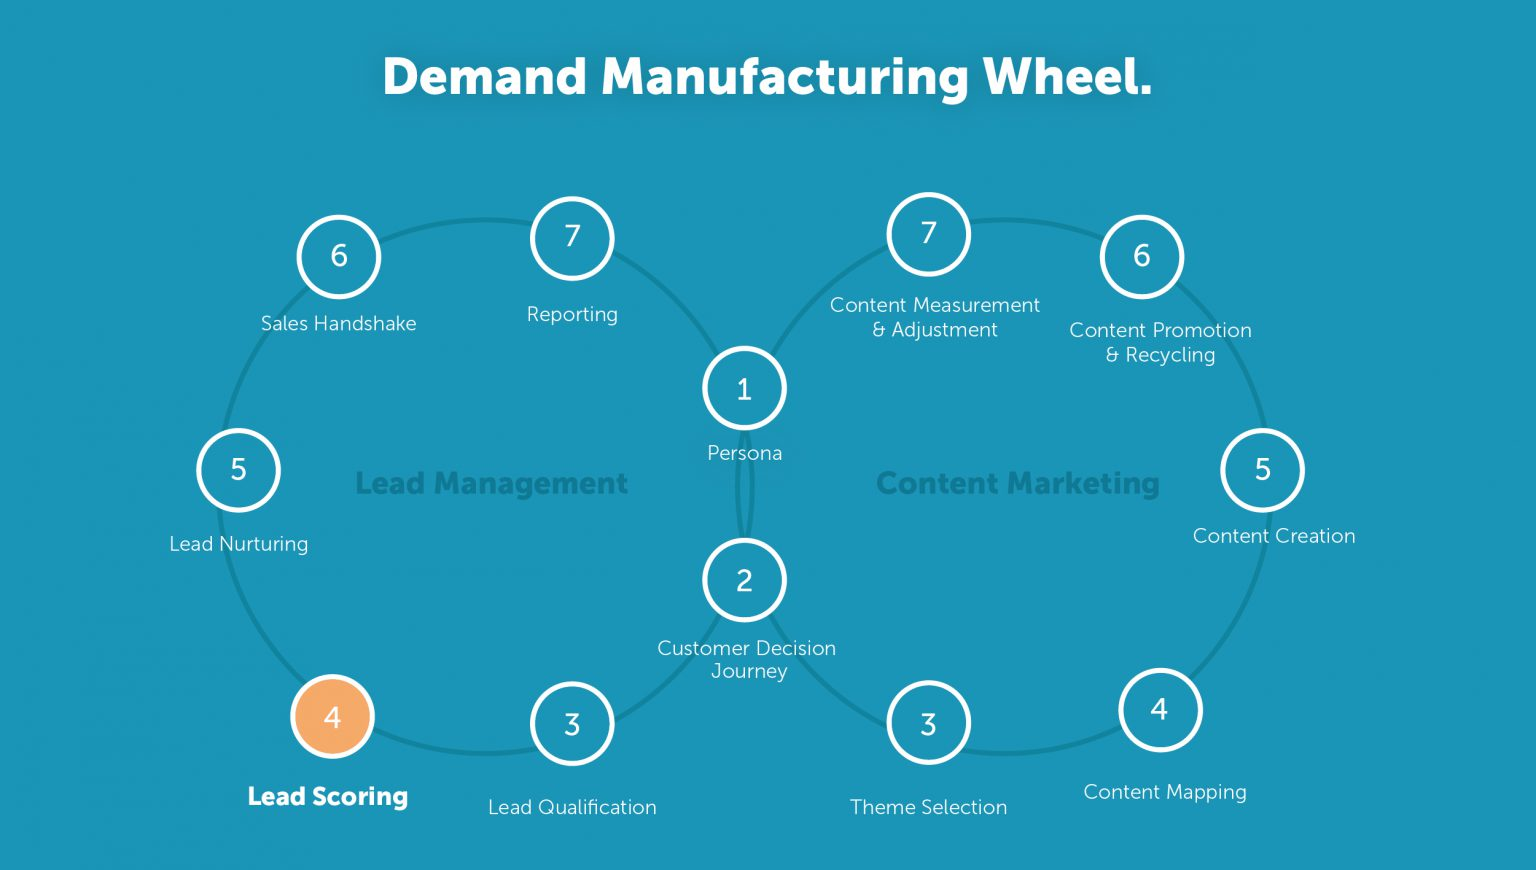 Demand Manufacturing Wheel